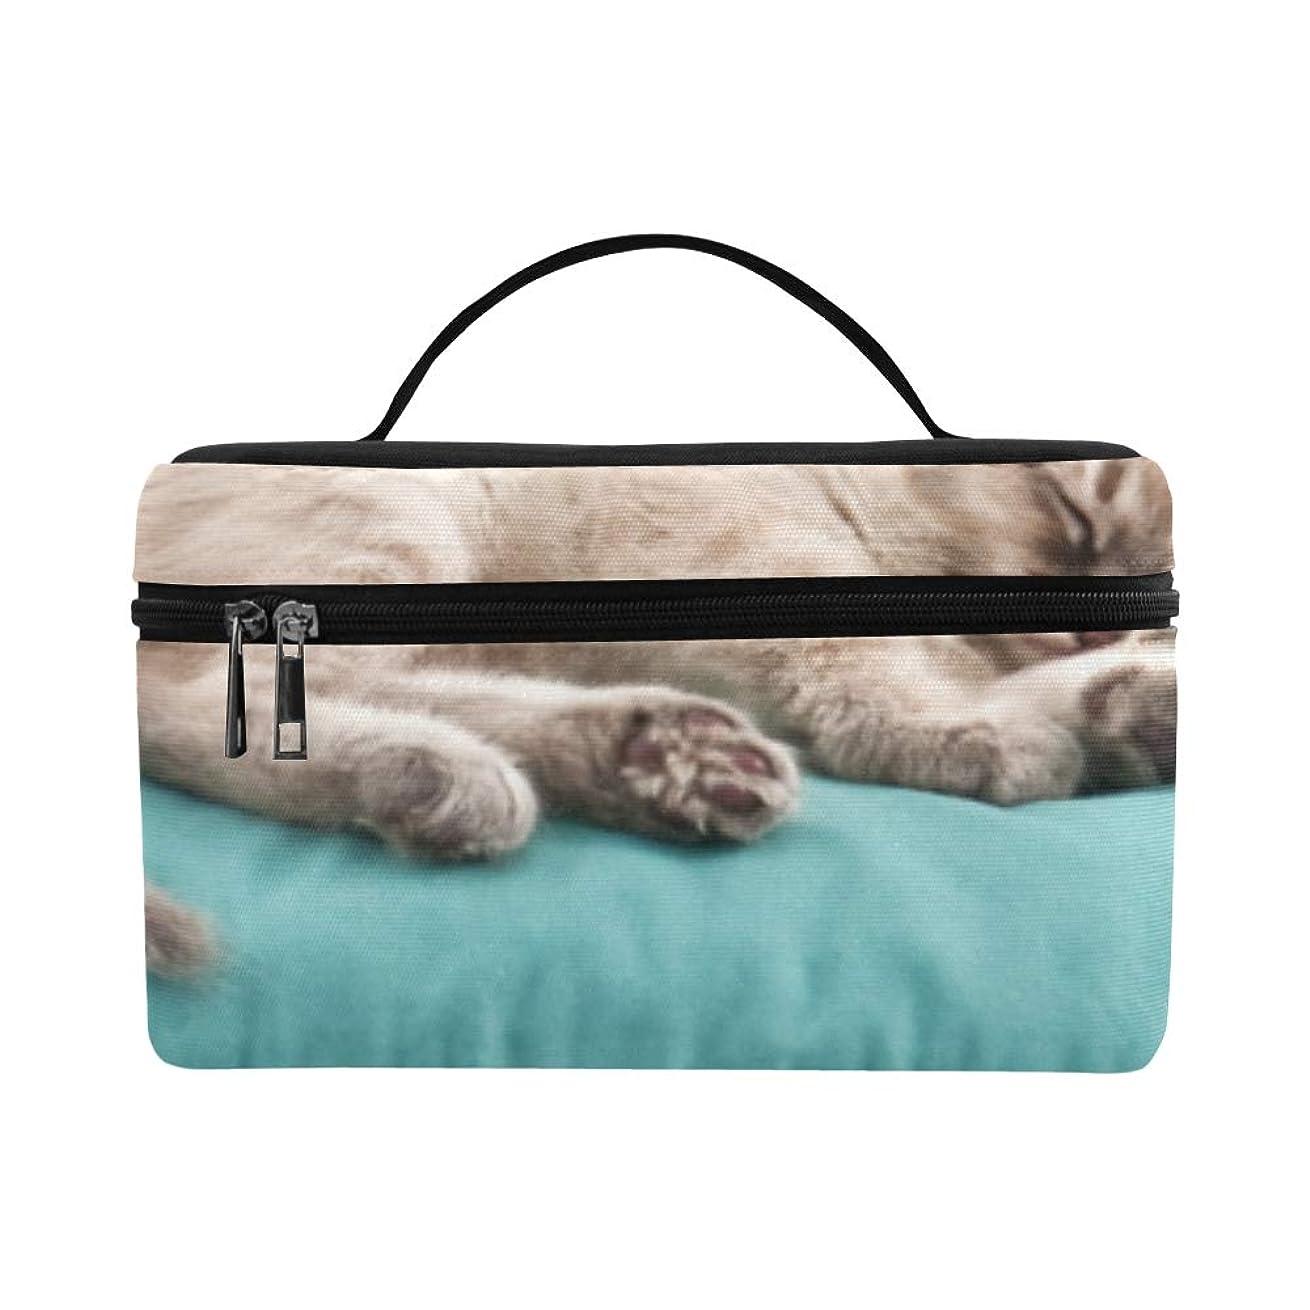 彼ら優しい見積りGXMAN メイクボックス 猫 まくら コスメ収納 化粧品収納ケース 大容量 収納ボックス 化粧品入れ 化粧バッグ 旅行用 メイクブラシバッグ 化粧箱 持ち運び便利 プロ用